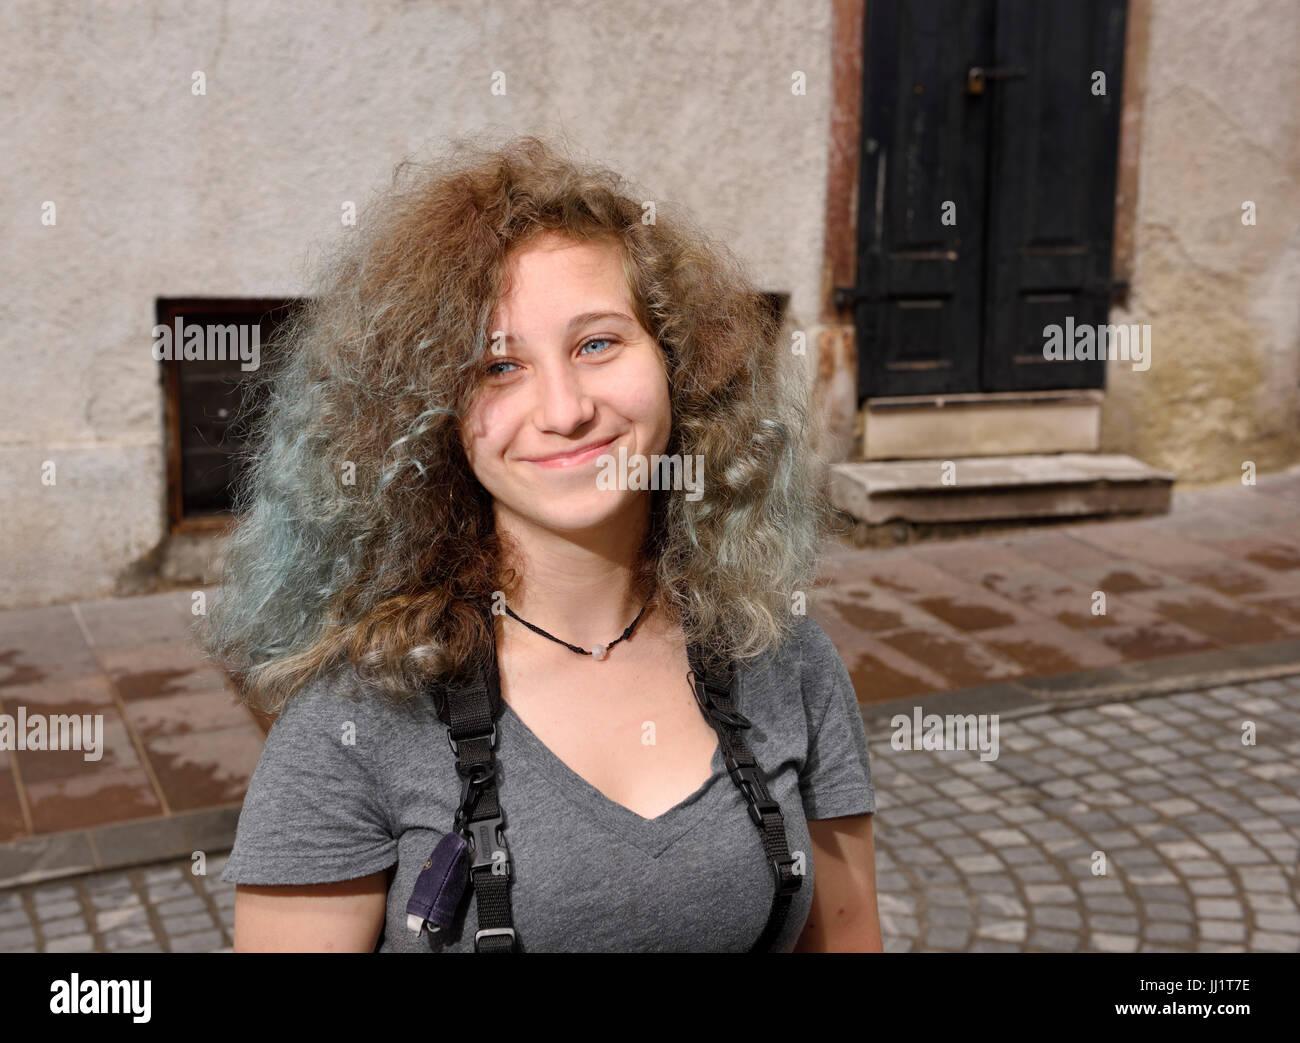 Grau Braun Bild Von Teenager Tourist Mit Geschweiften Blau